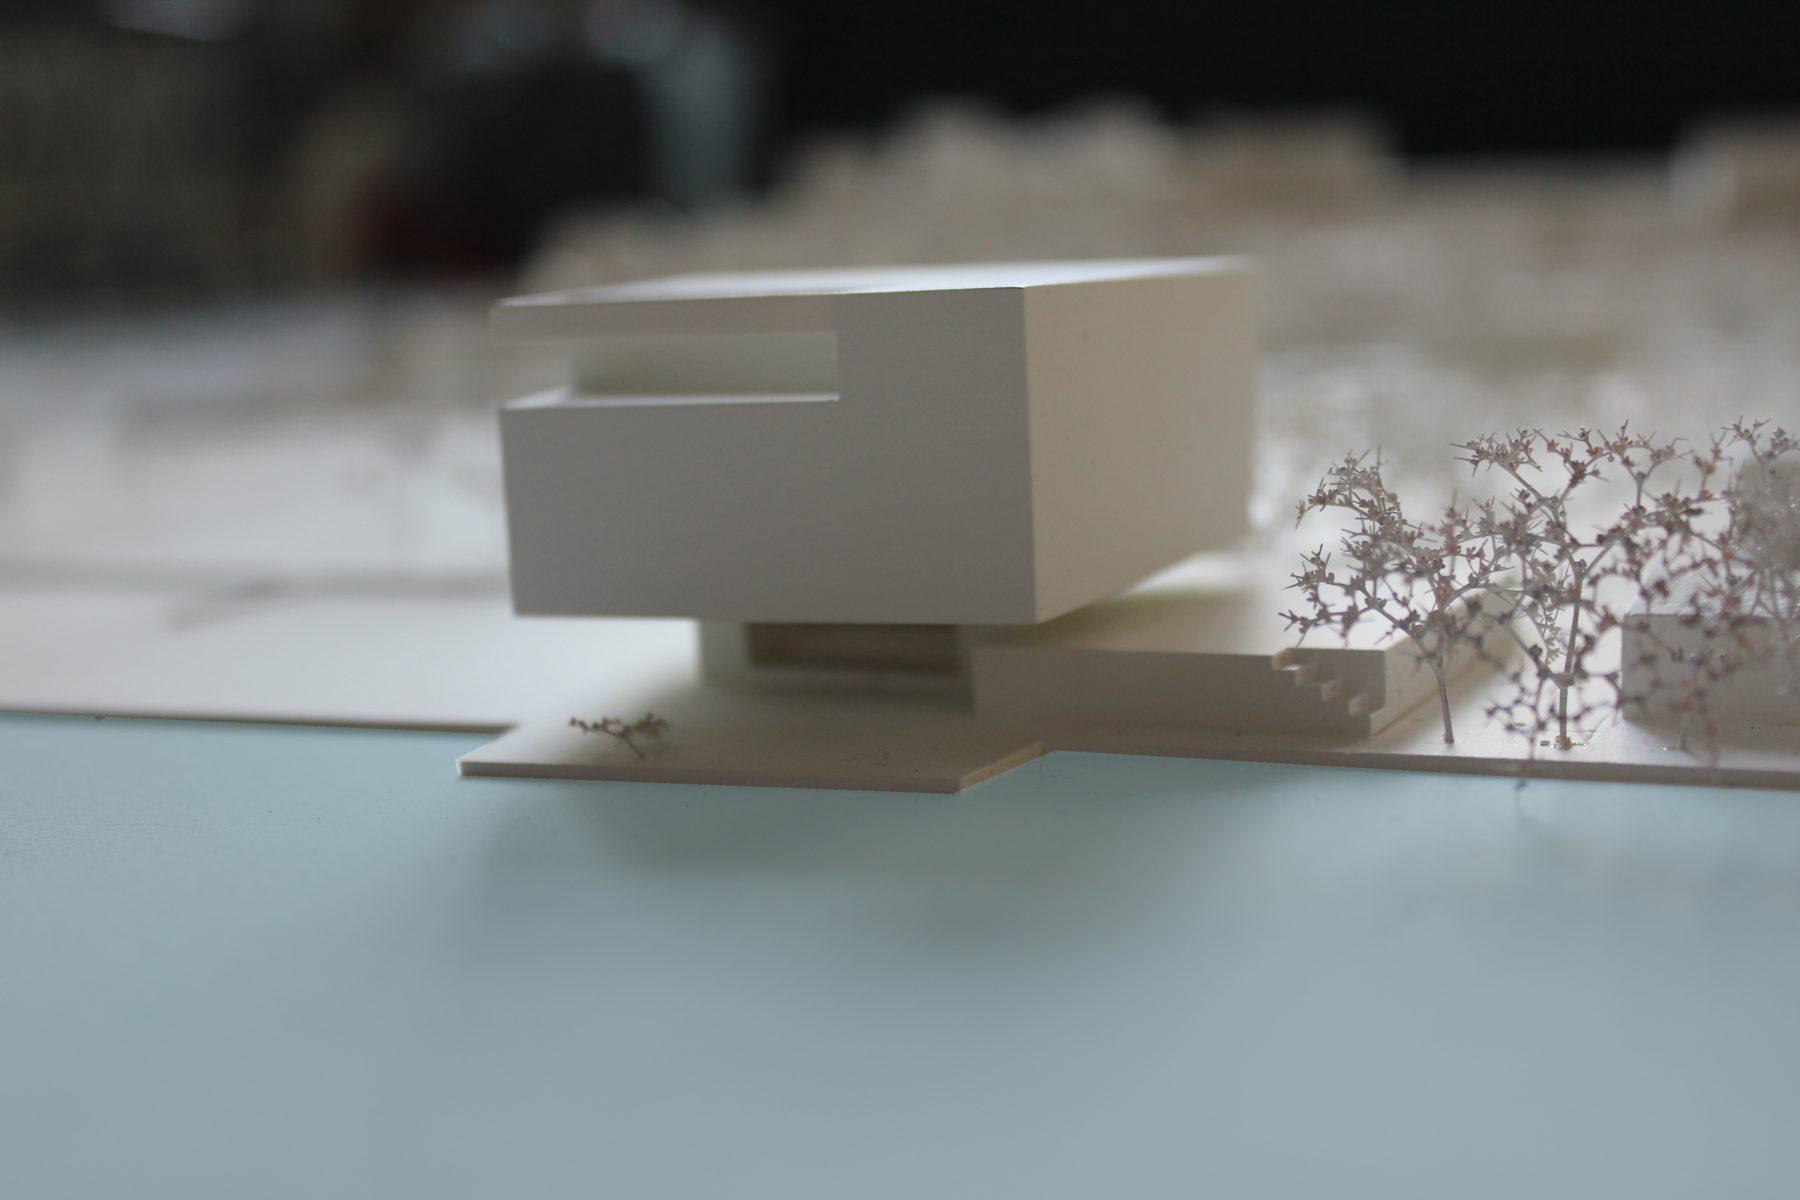 maquette-4